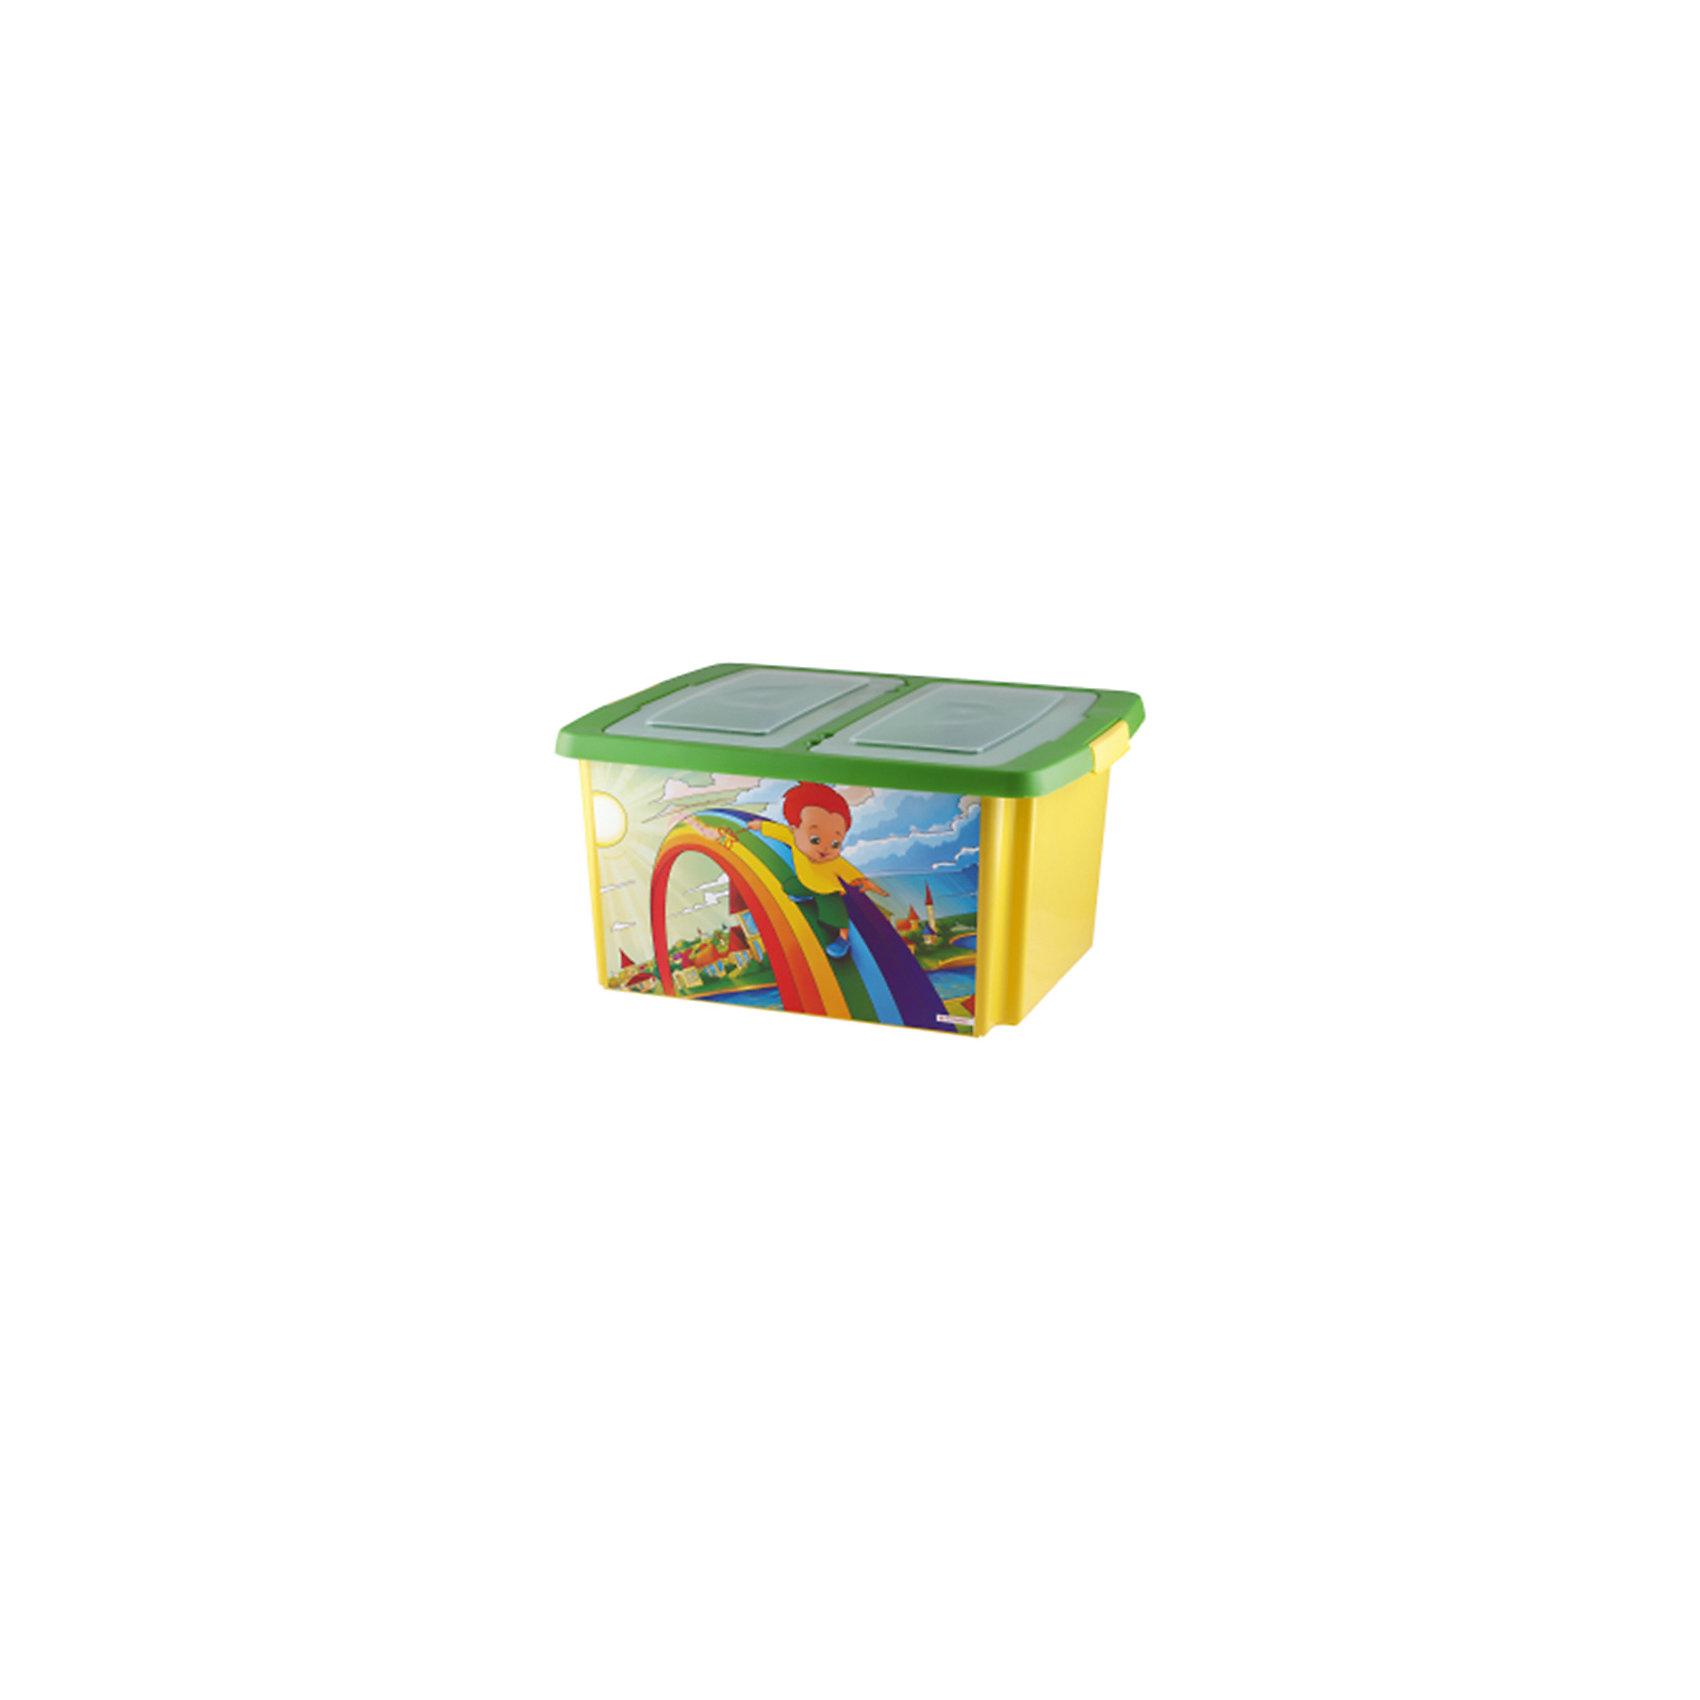 Ящик для игрушек Сюрприз - РадугаУдобный и практичный контейнер - прекрасный вариант для хранения вещей, книг, игрушек.  Детский ящик Сюрприз изготовлен из высококачественного прочного пластика, легко открывается, выполнен в яркой цветовой гамме, украшен рисунками. Он обязательно понравится ребенку и прекрасно впишется в интерьер комнаты. <br><br>Дополнительная информация:<br><br>- Материал: пластик.<br>- Размер: 47х37х25 см.<br><br>Детский ящик Сюрприз, желто-салатовый (радуга), можно купить в нашем магазине.<br><br>Ширина мм: 470<br>Глубина мм: 370<br>Высота мм: 250<br>Вес г: 300<br>Возраст от месяцев: 12<br>Возраст до месяцев: 120<br>Пол: Унисекс<br>Возраст: Детский<br>SKU: 4718433